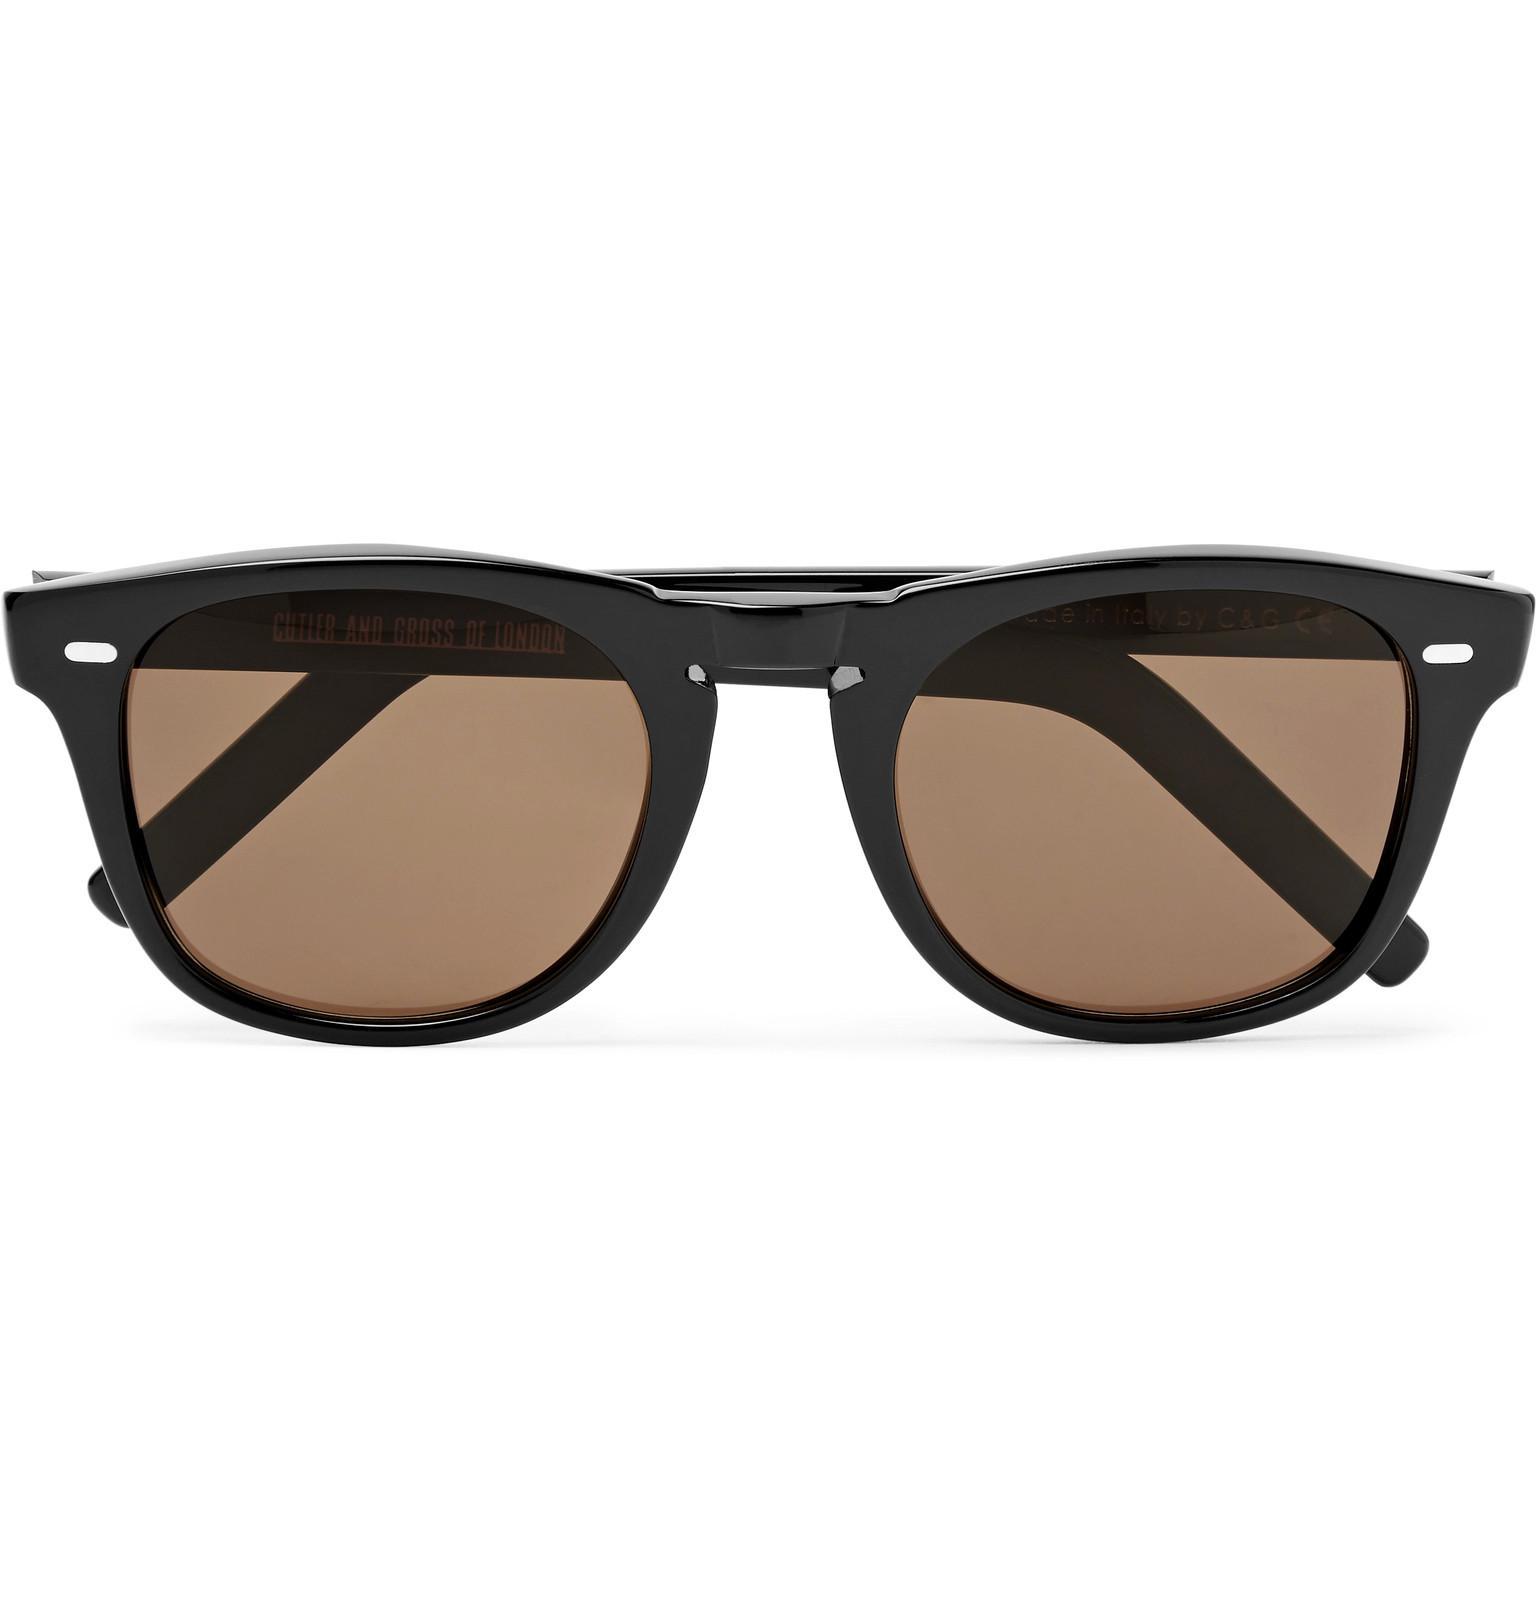 3798f14285 Lyst - Cutler   Gross D-frame Acetate Sunglasses in Black for Men